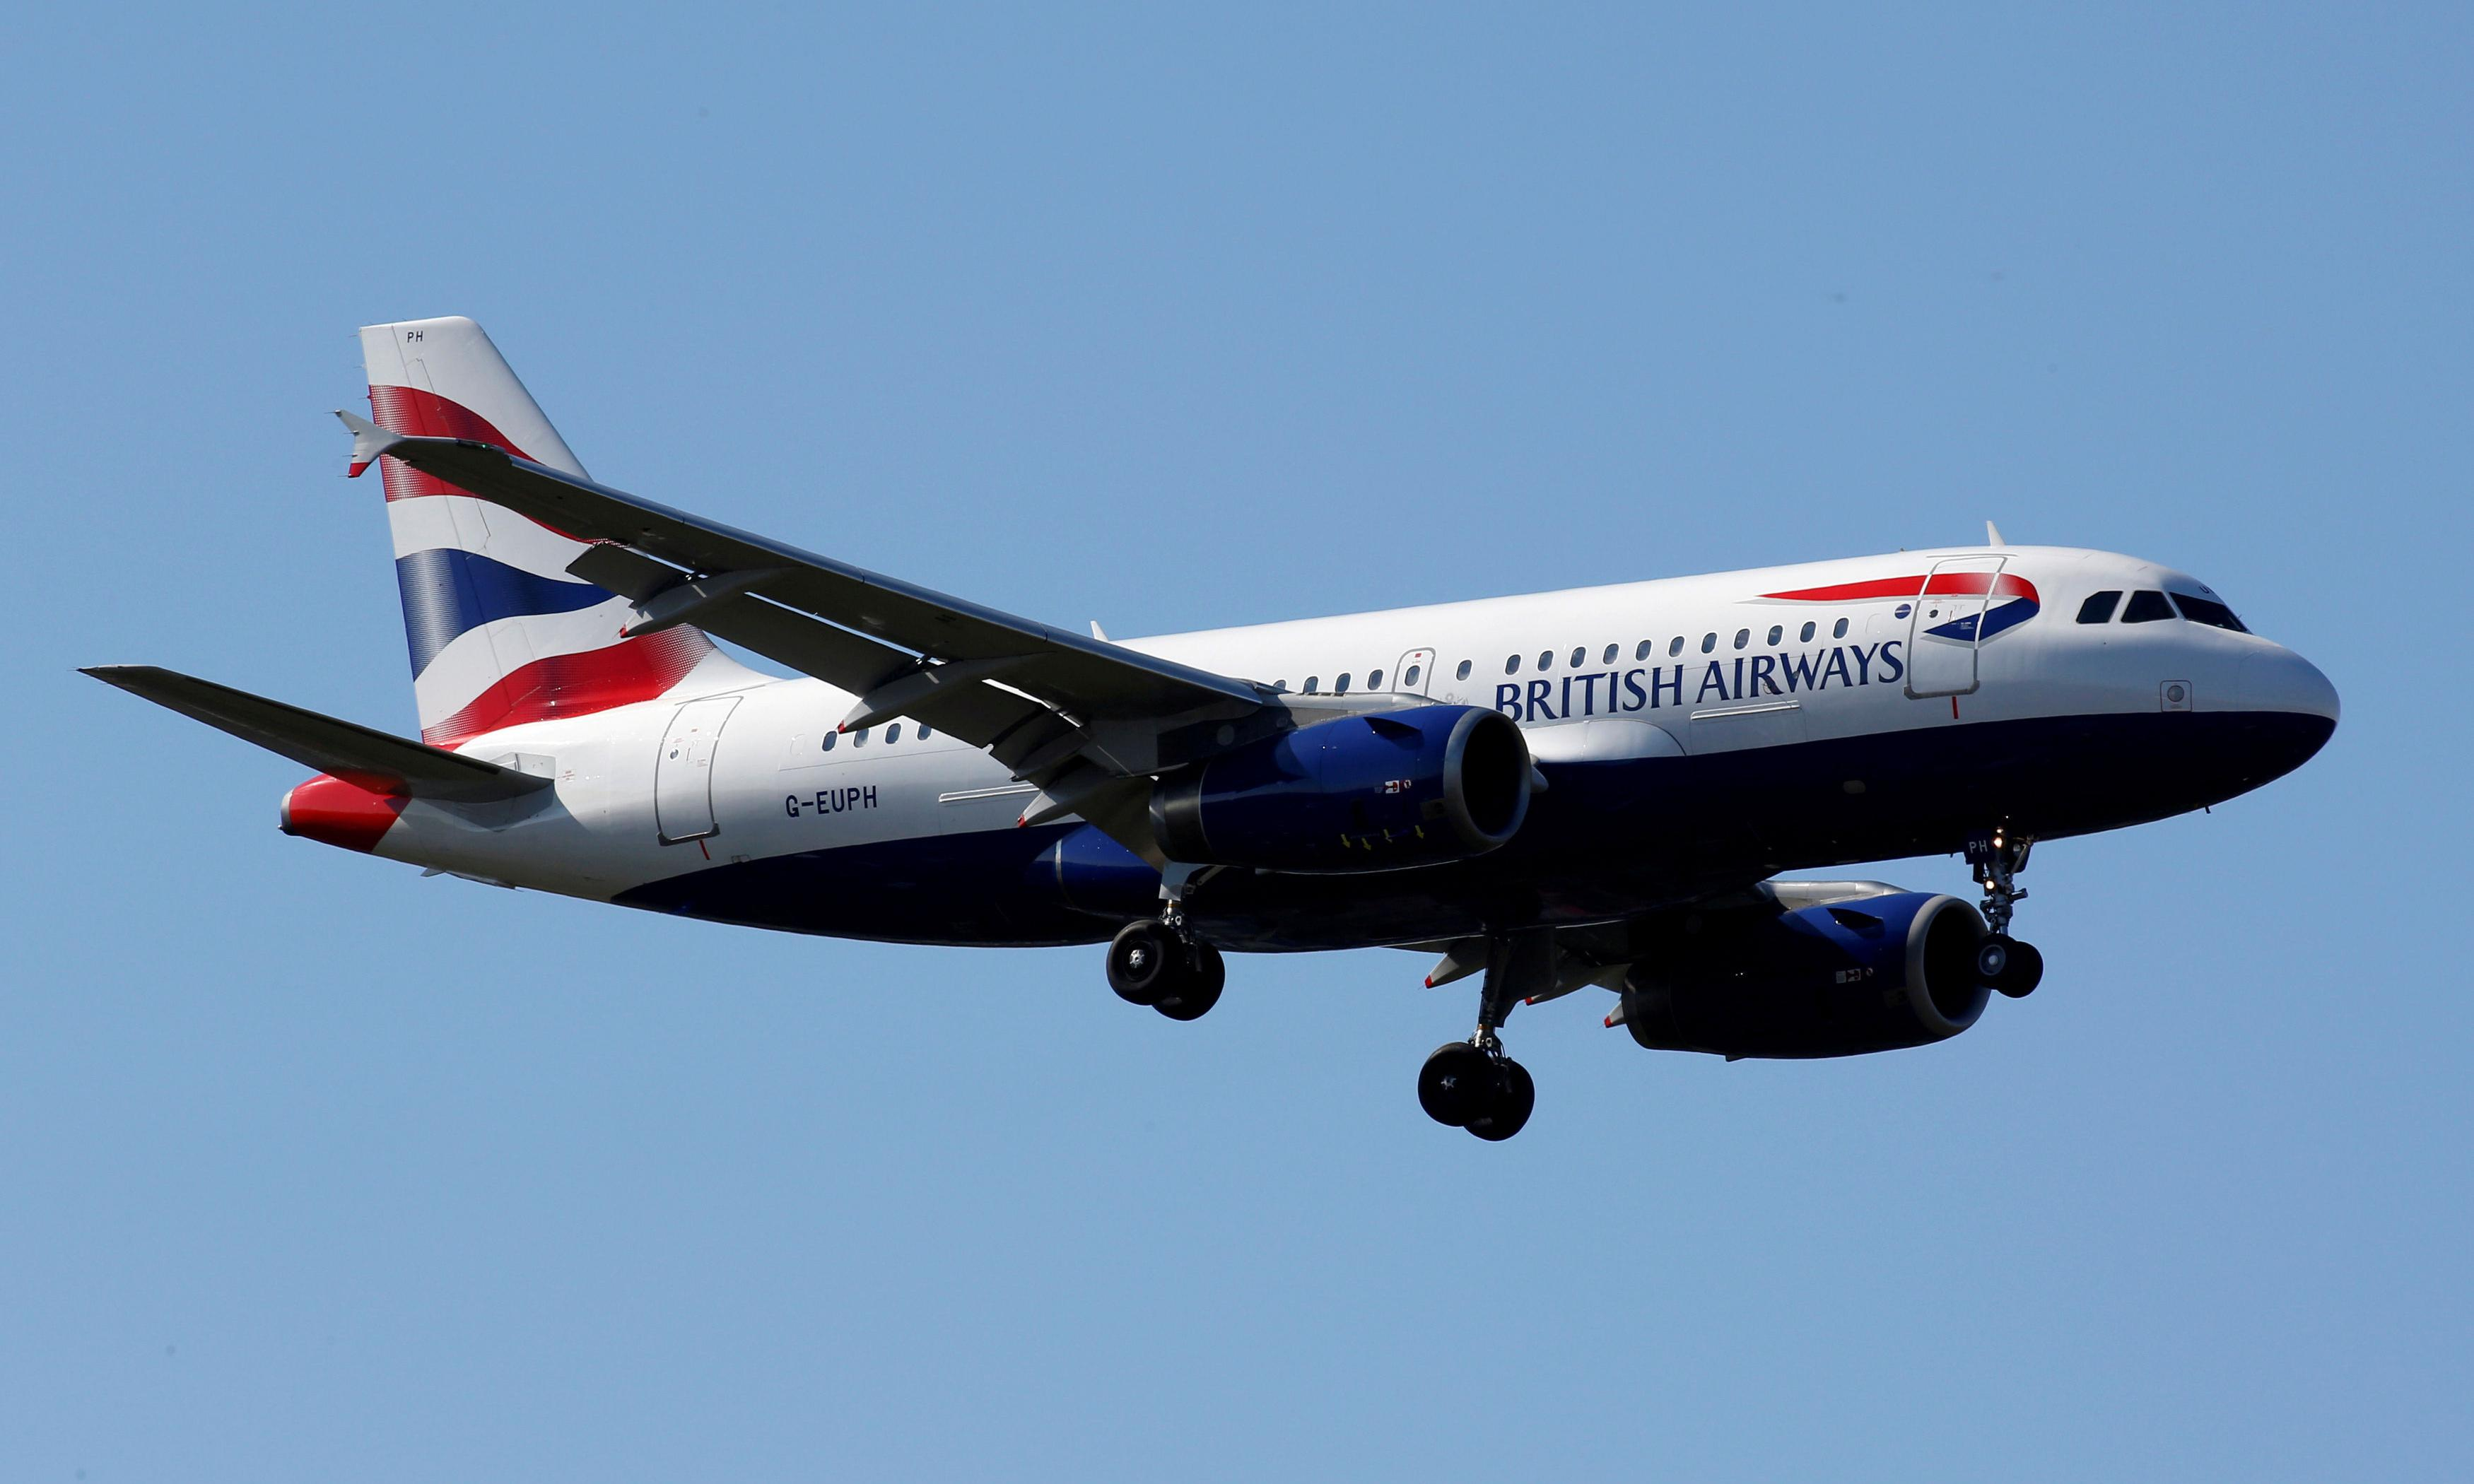 British Airways: 'glitch' delays flights at Heathrow and Gatwick